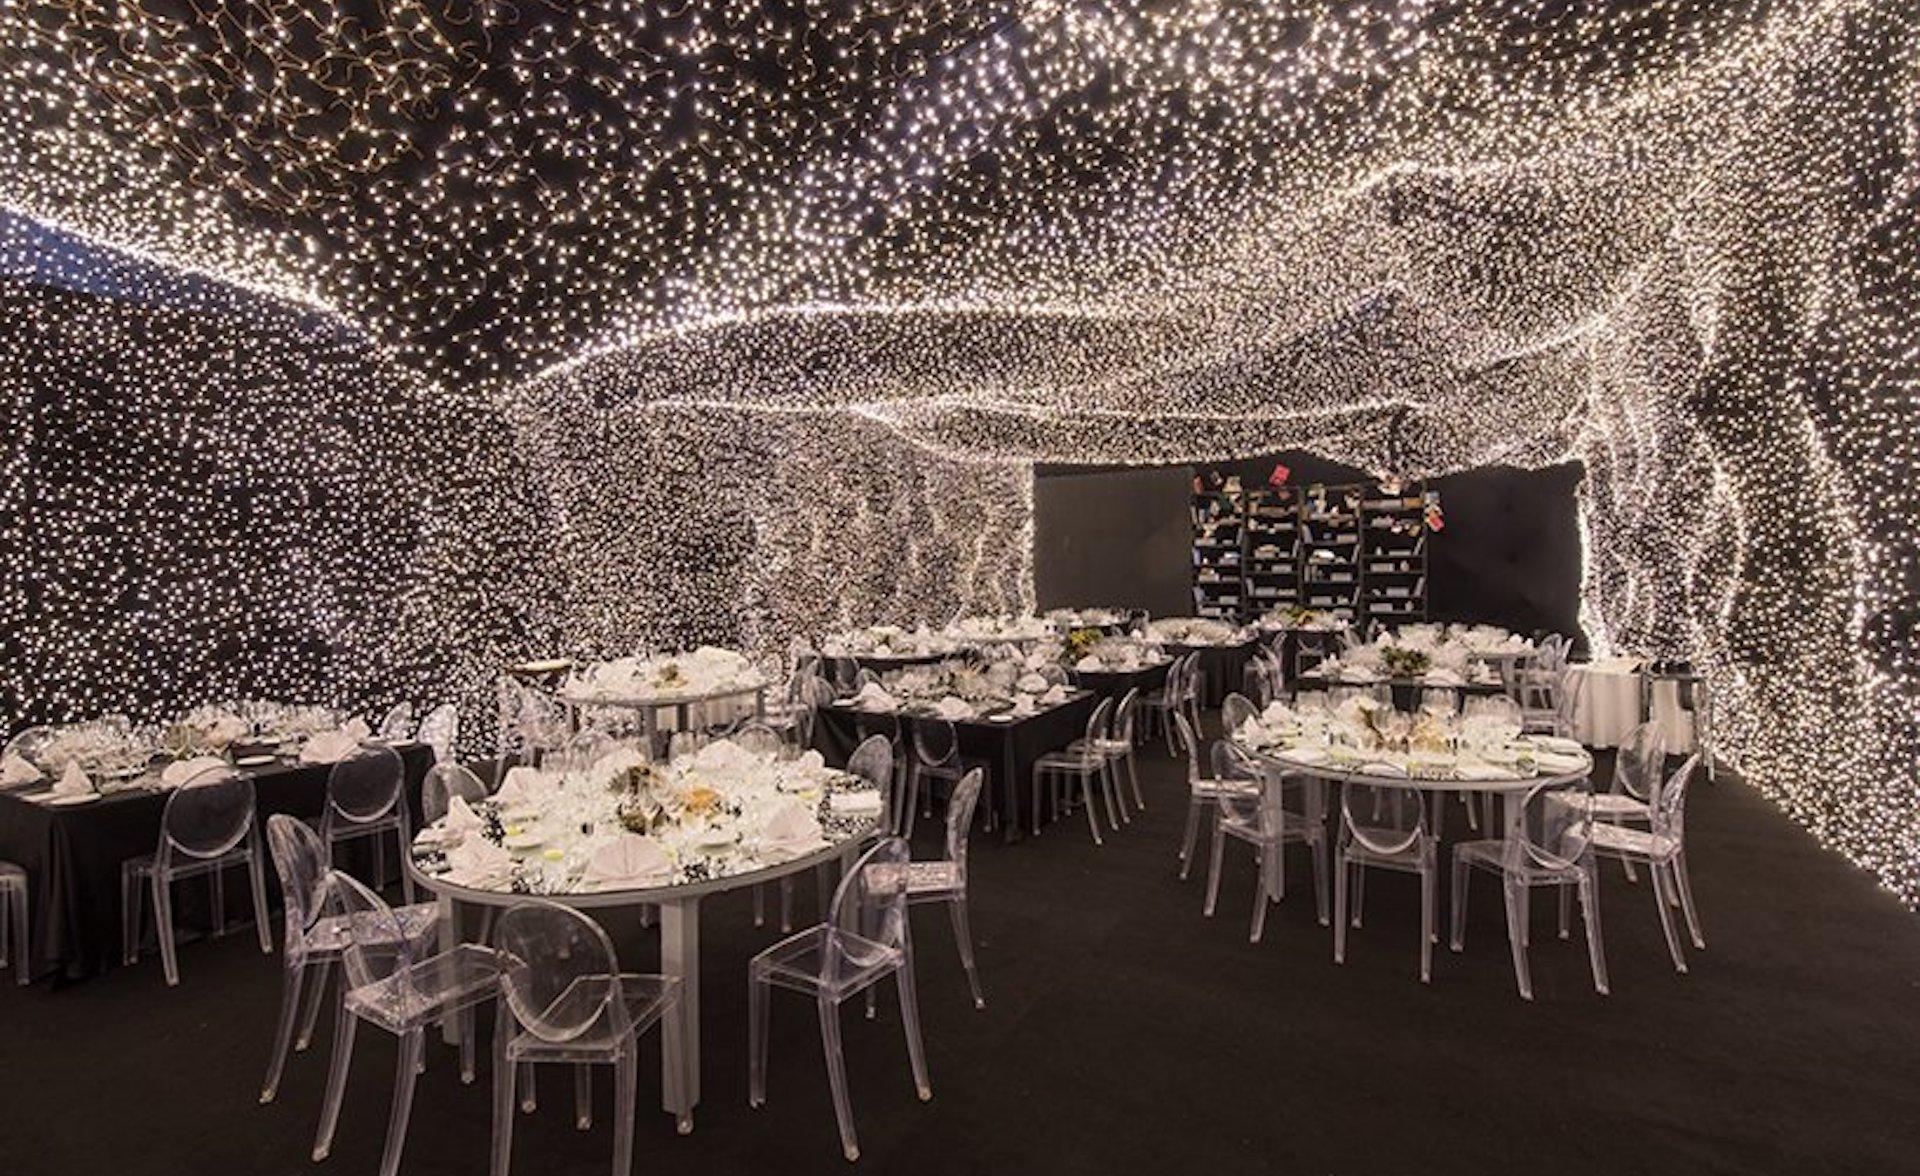 El restaurante en México que sorprendió al recrear la película Interestelar